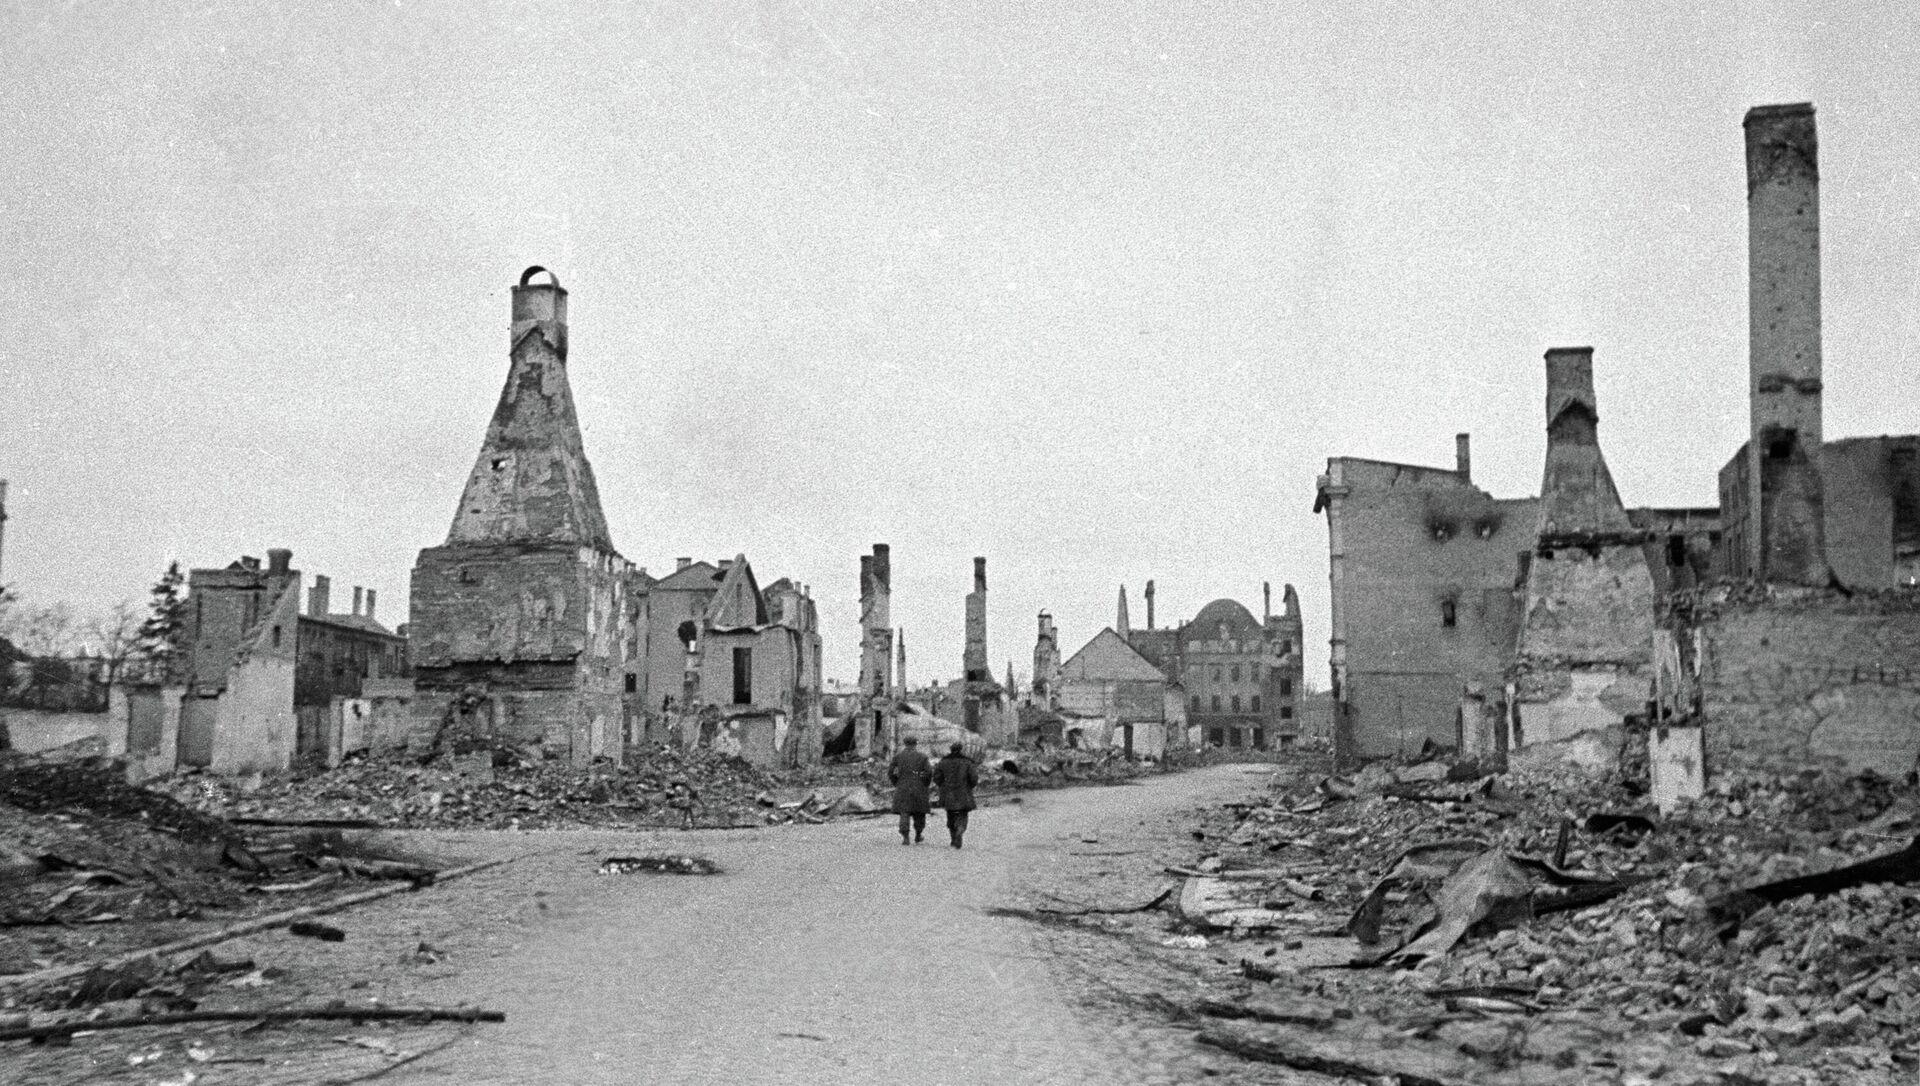 Латвийский город Елгава (Митава), разрушенный немецкими захватчиками. - Sputnik Латвия, 1920, 21.06.2021